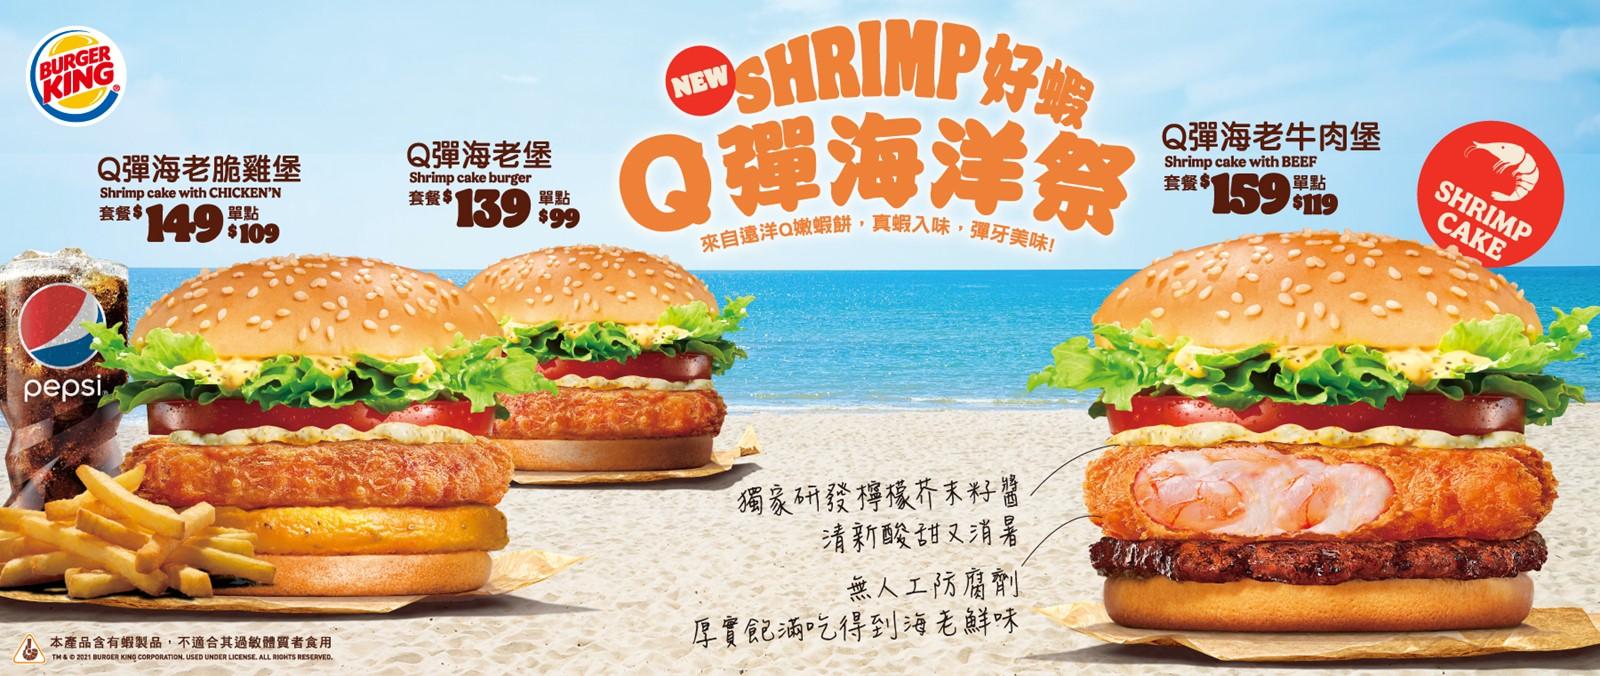 漢堡王最新品項-Q彈海洋祭